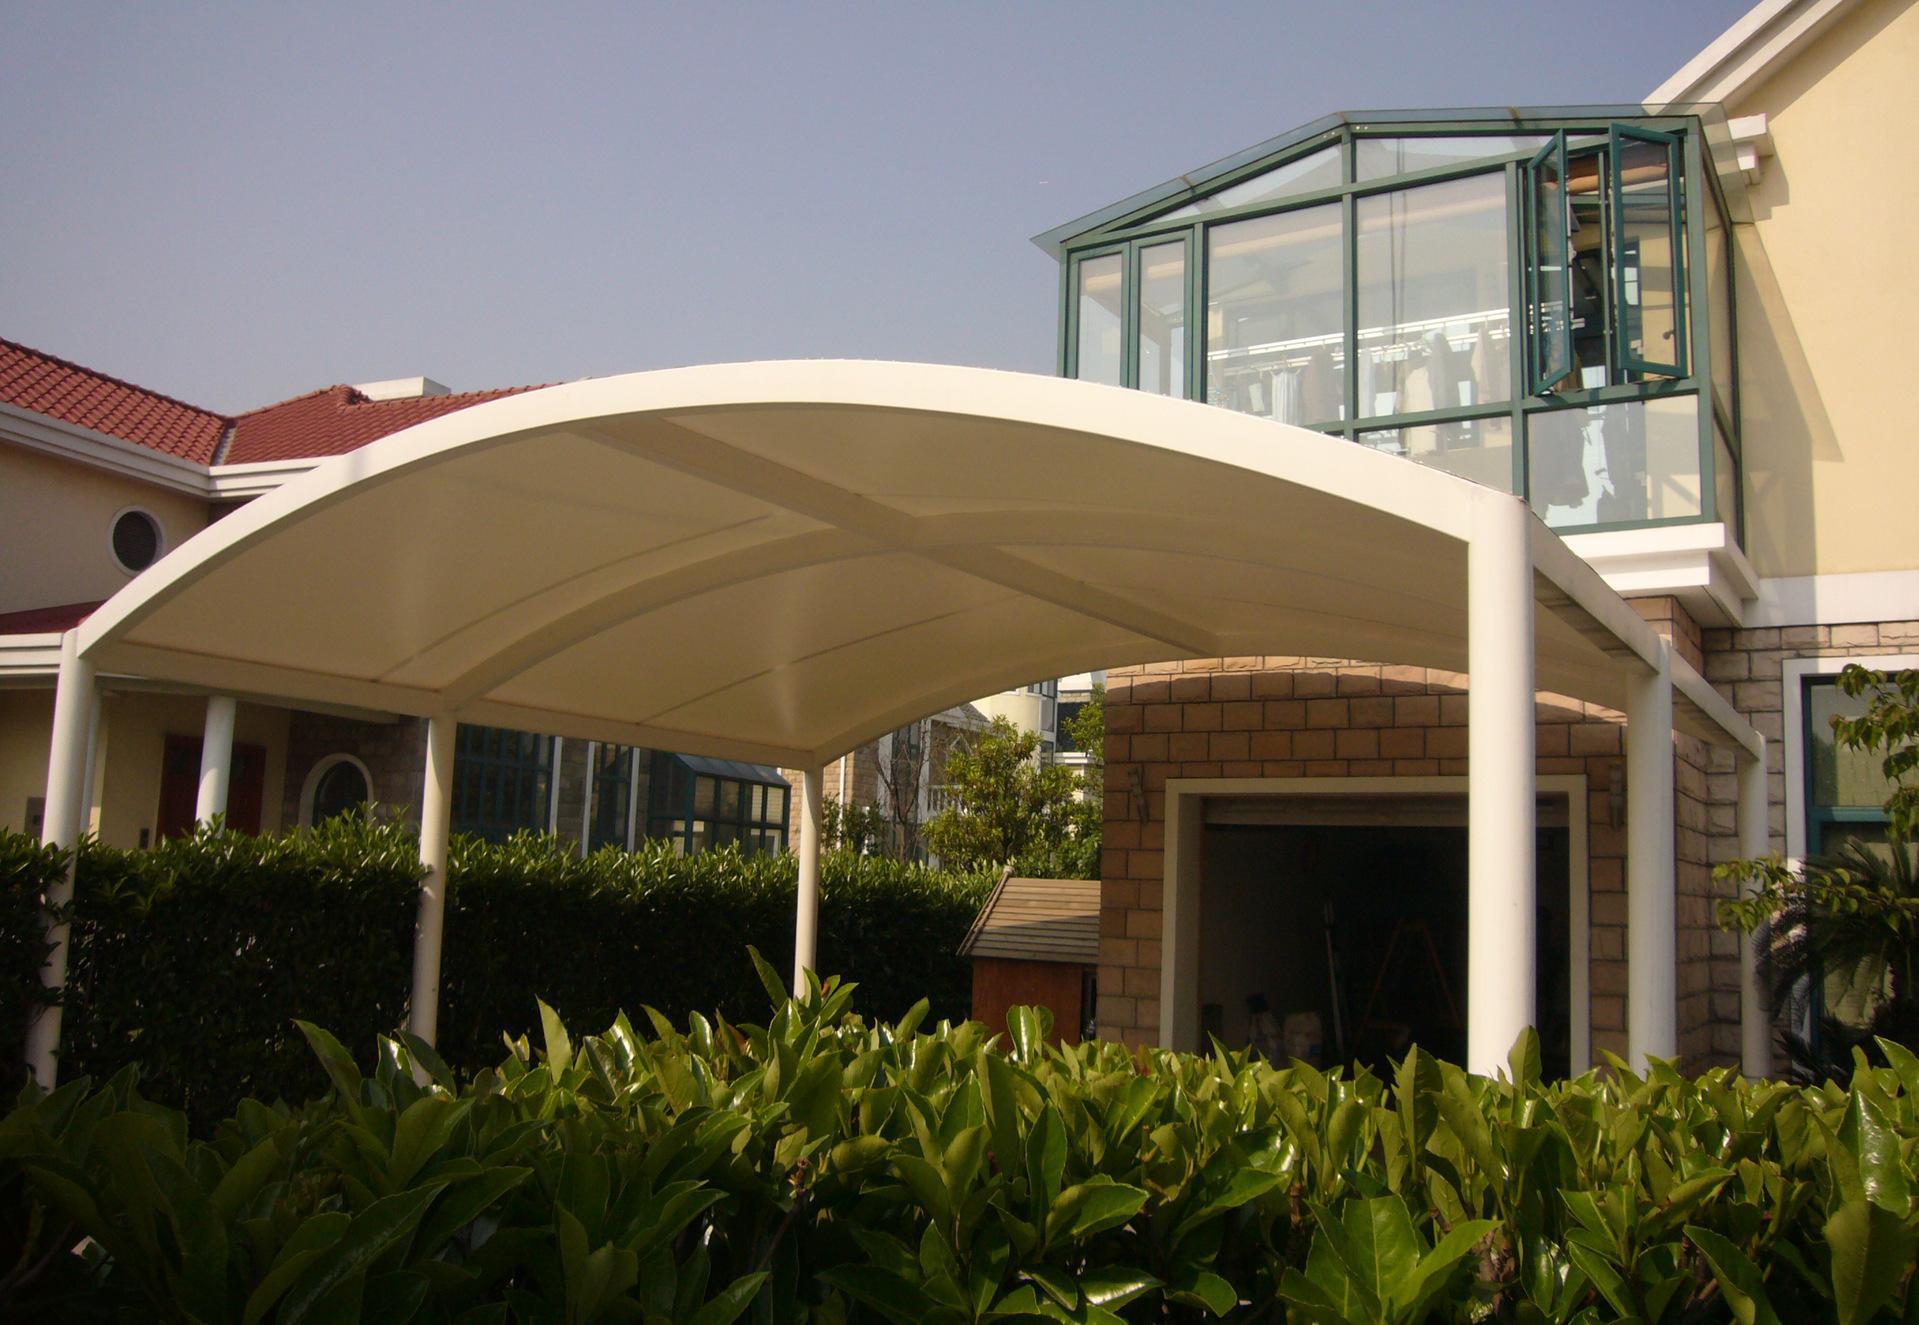 盐城膜结构遮阳棚